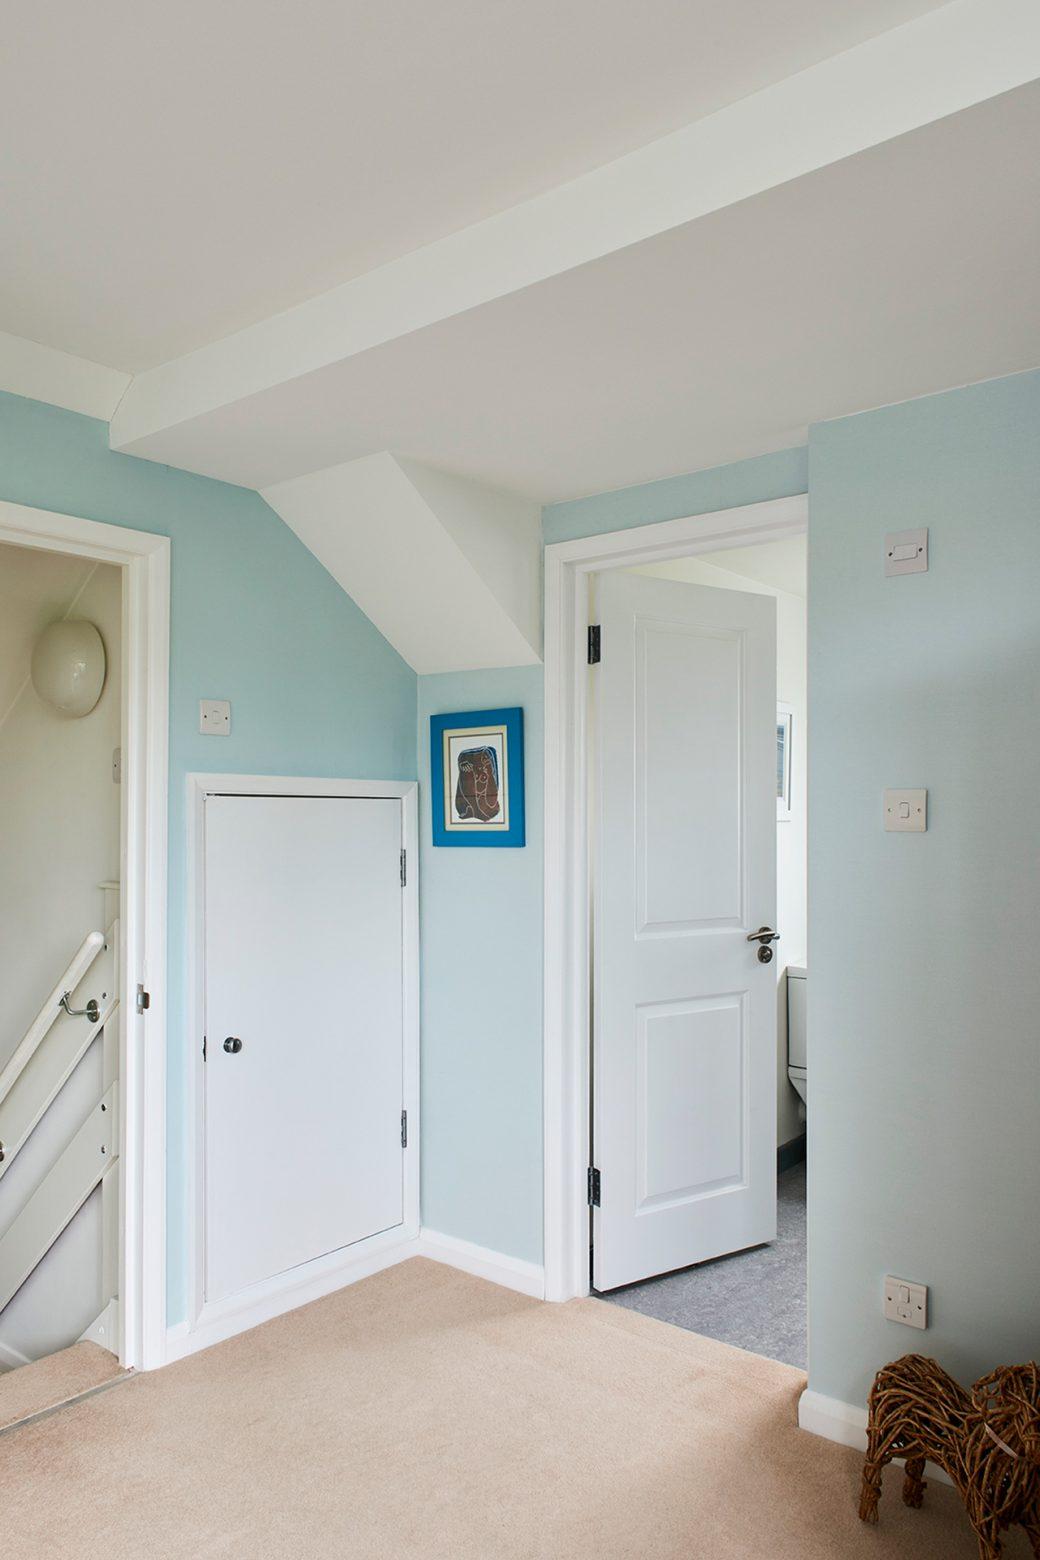 Corridor looking into rooms